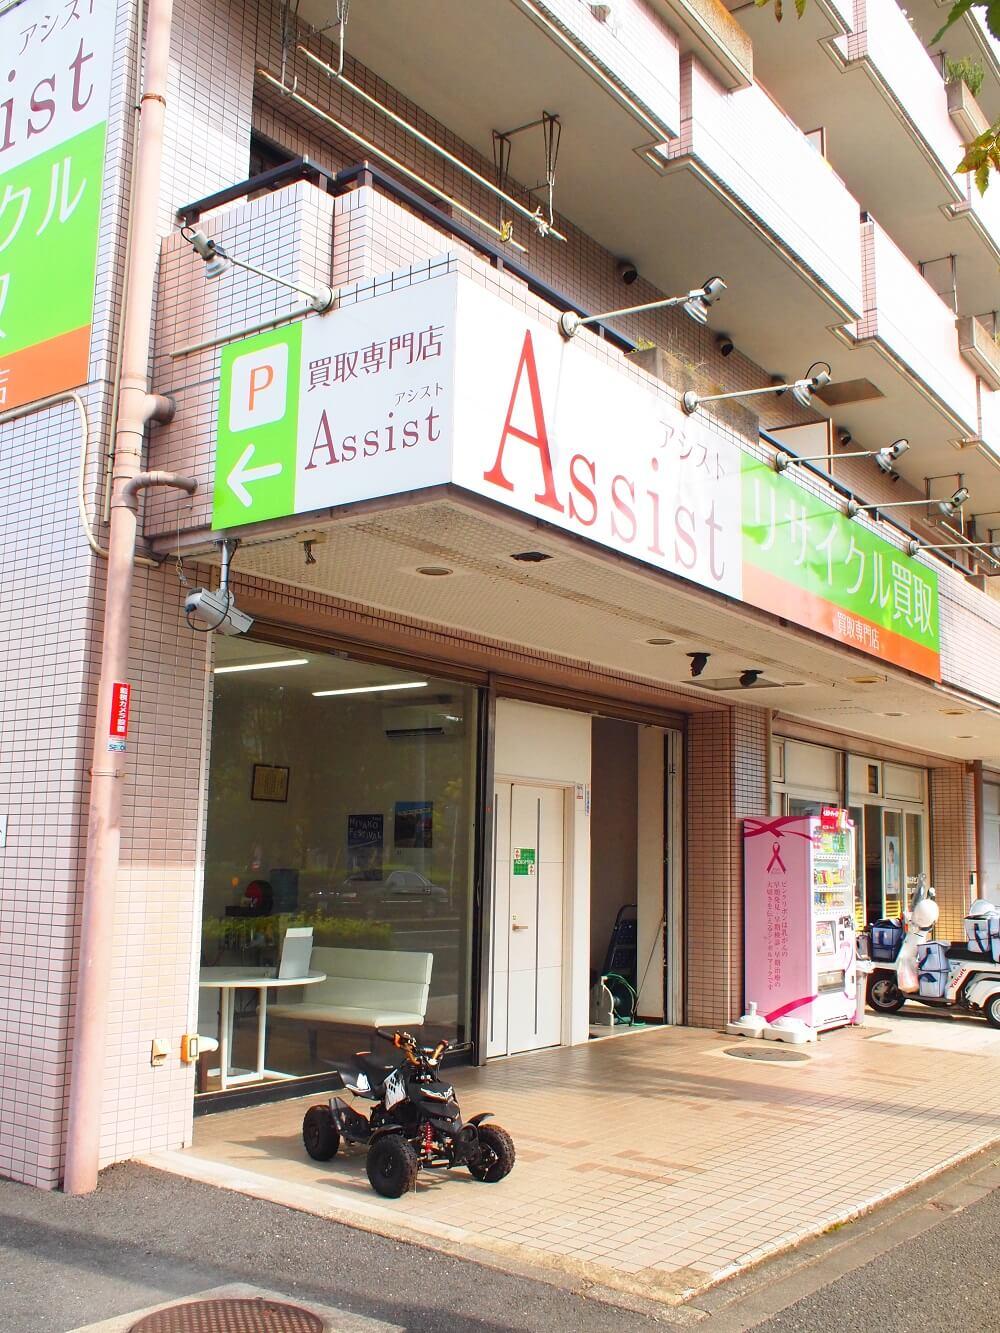 青梅市のリサイクルショップで家具や家電の出張買取&片付けはアシスト